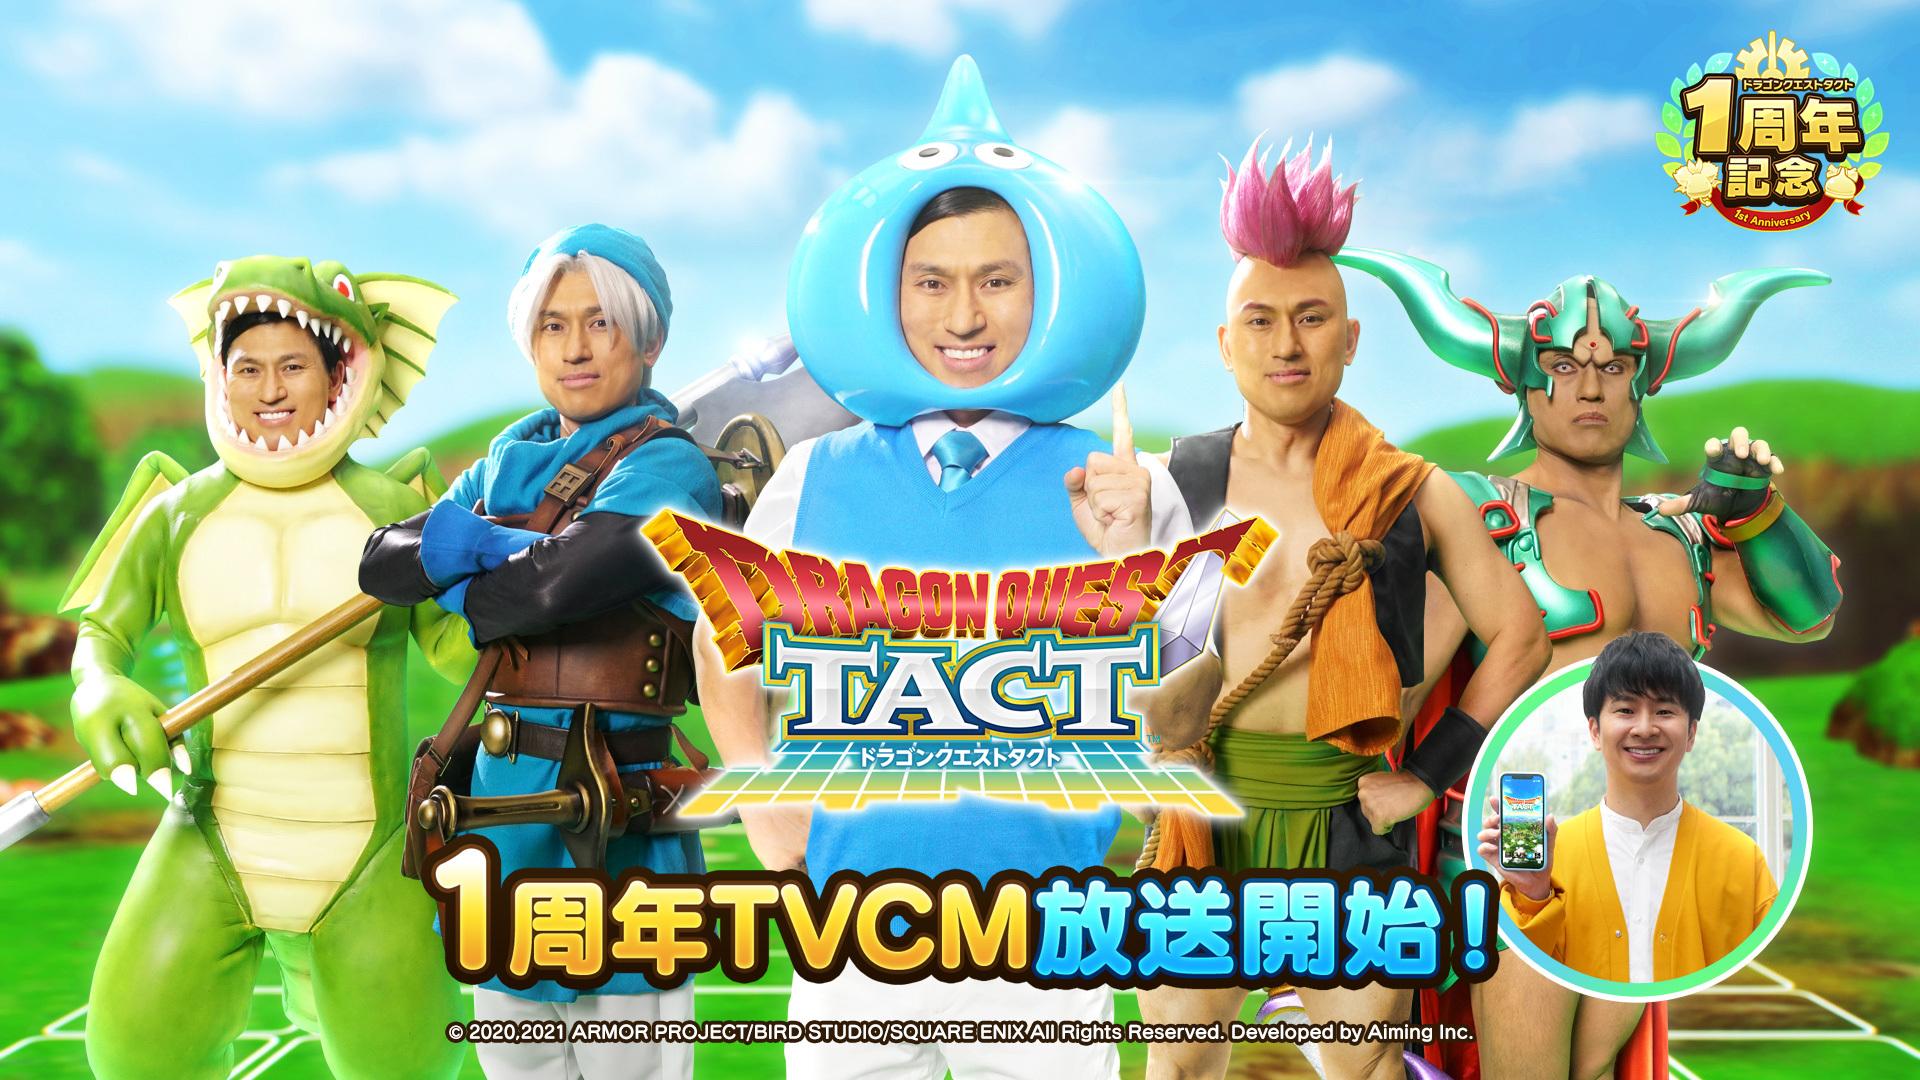 1周年記念 TVCM放送開始!